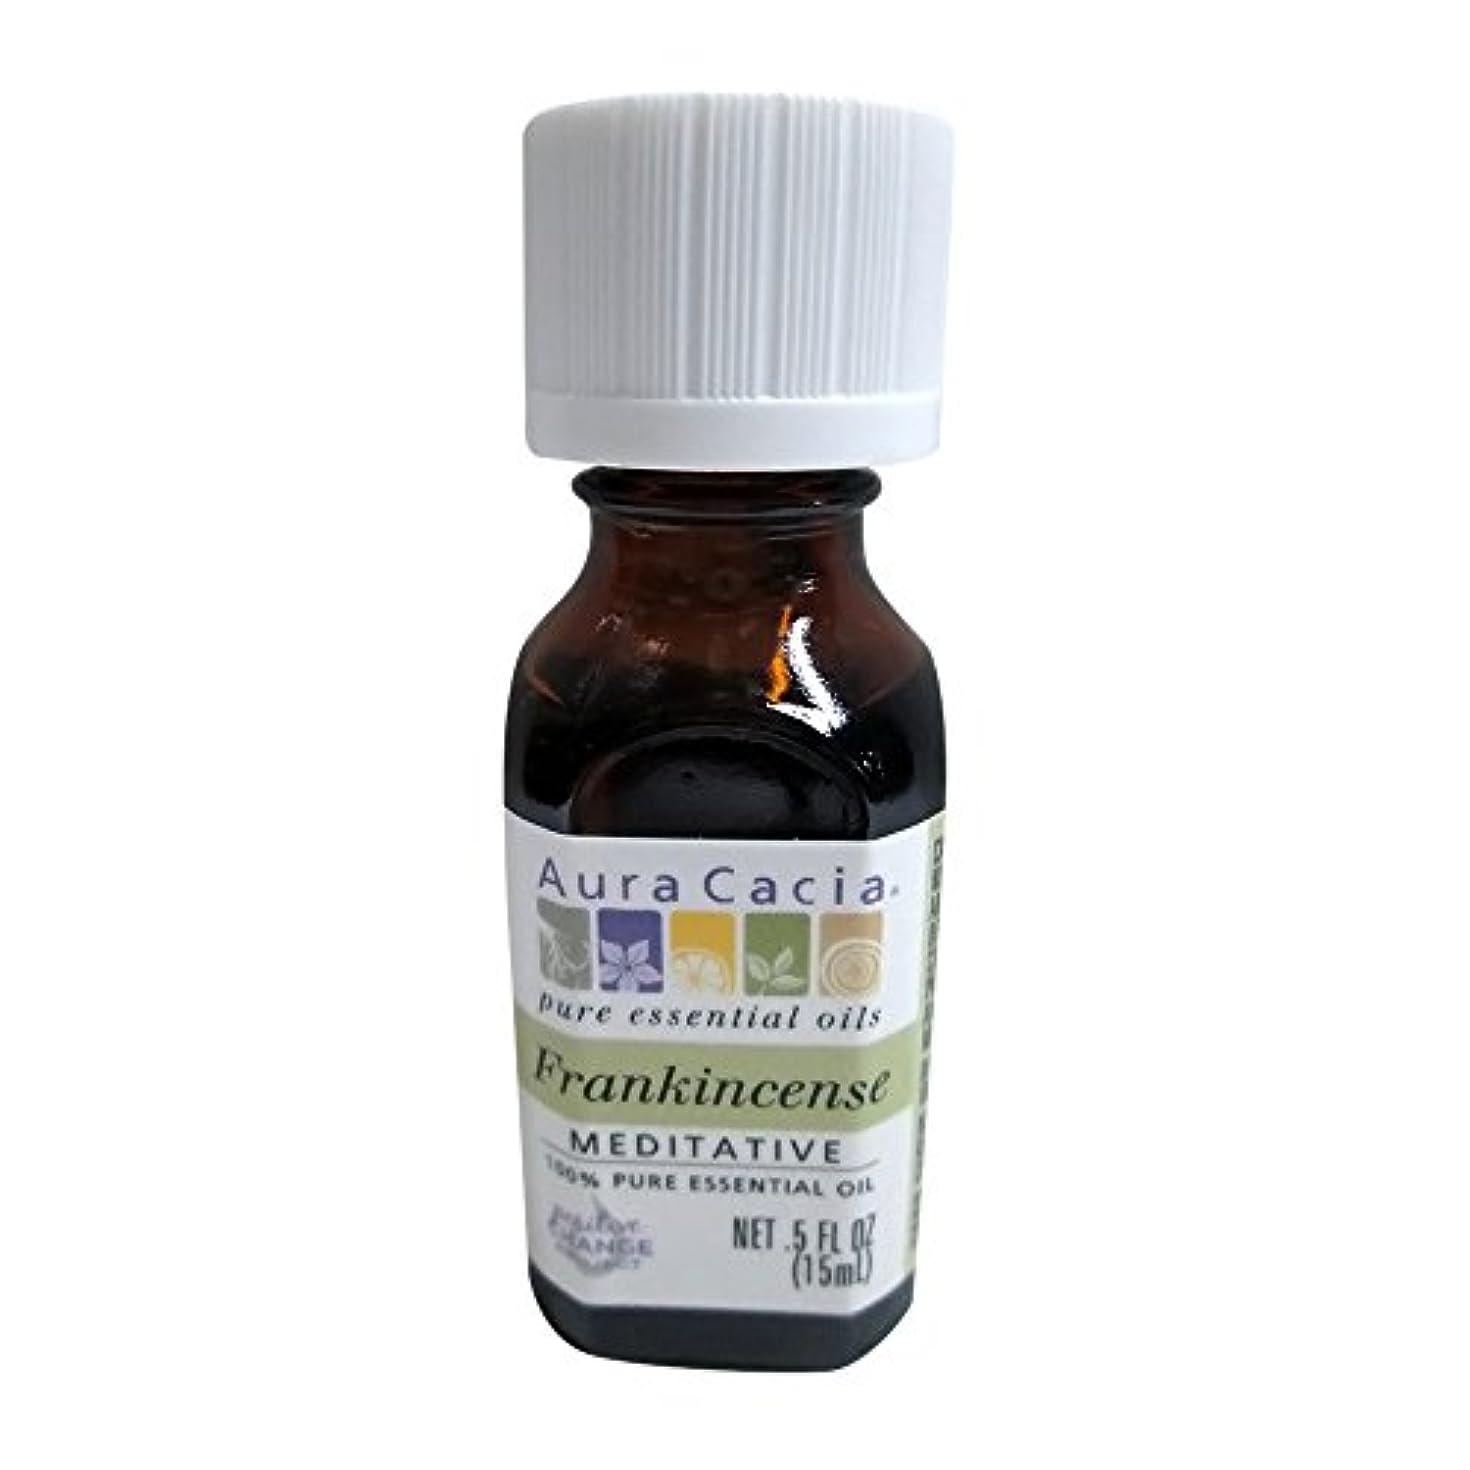 等しいポケットめったにAura Cacia Frankincense Essential Oil 15 ml (並行輸入品)